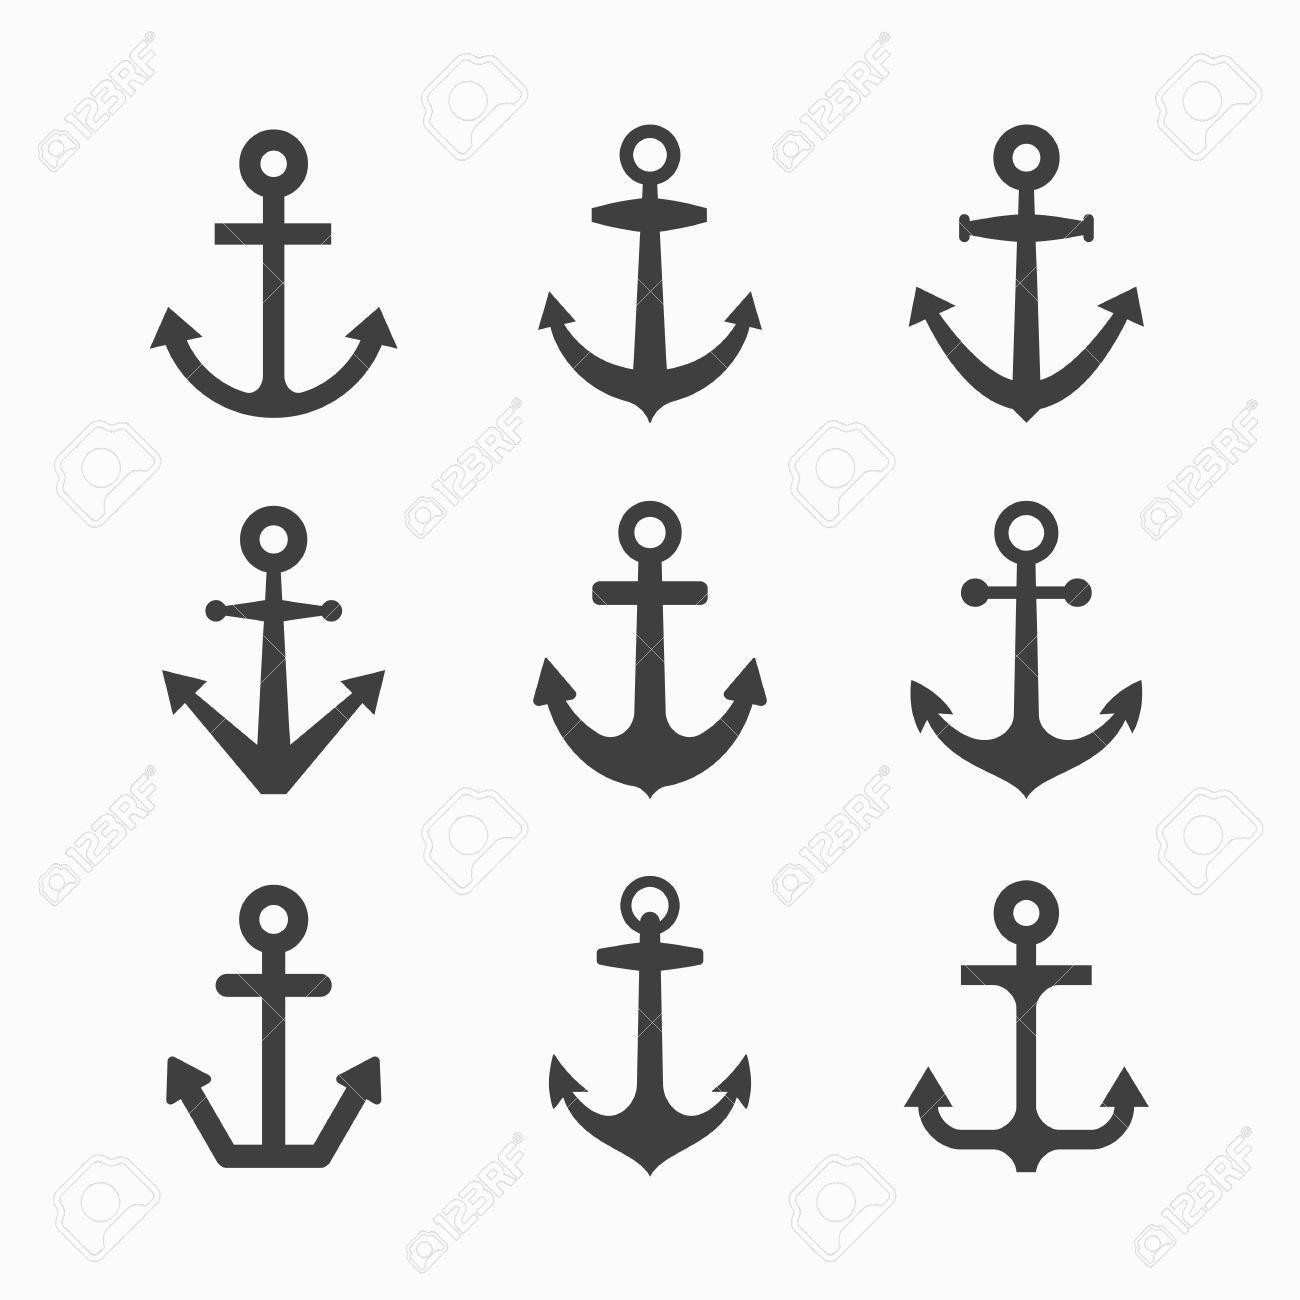 Conjunto De Símbolos De Anclaje Dibujos E Ilustraciones